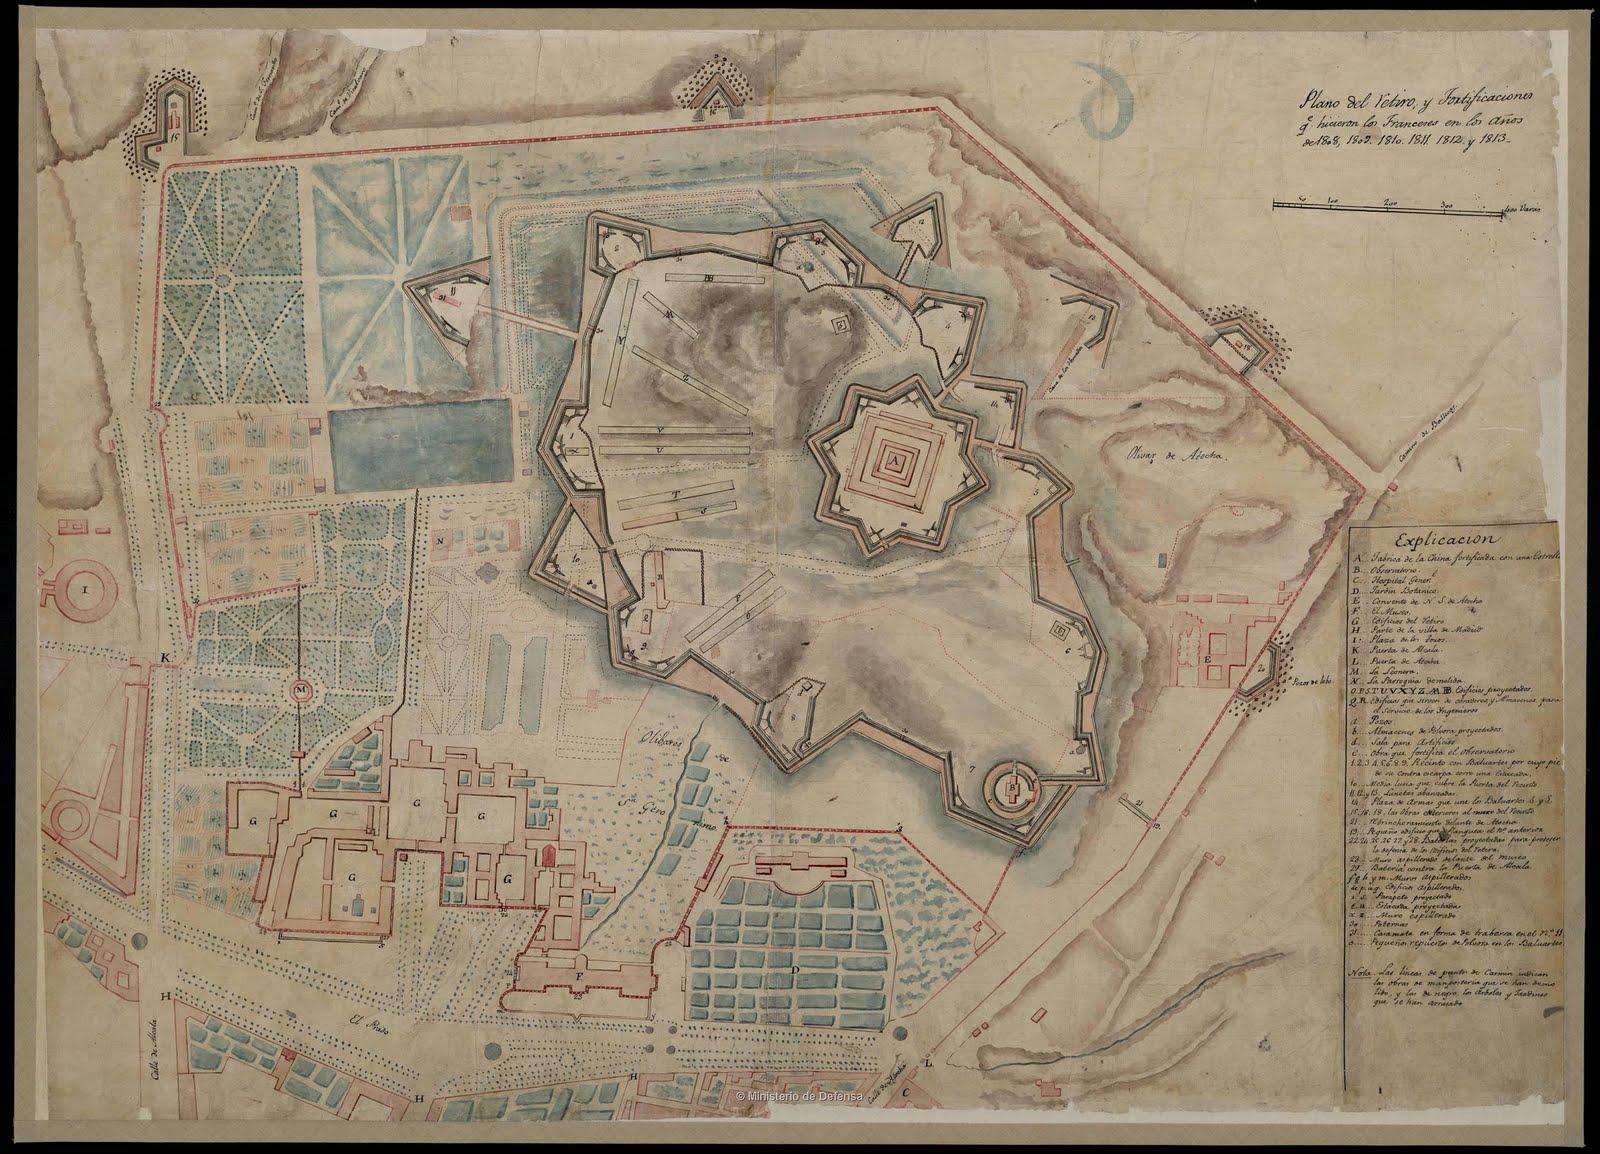 Consideraciones en torno a la propuesta del eje Prado-Retiro de Madrid como patrimonio mundial 8